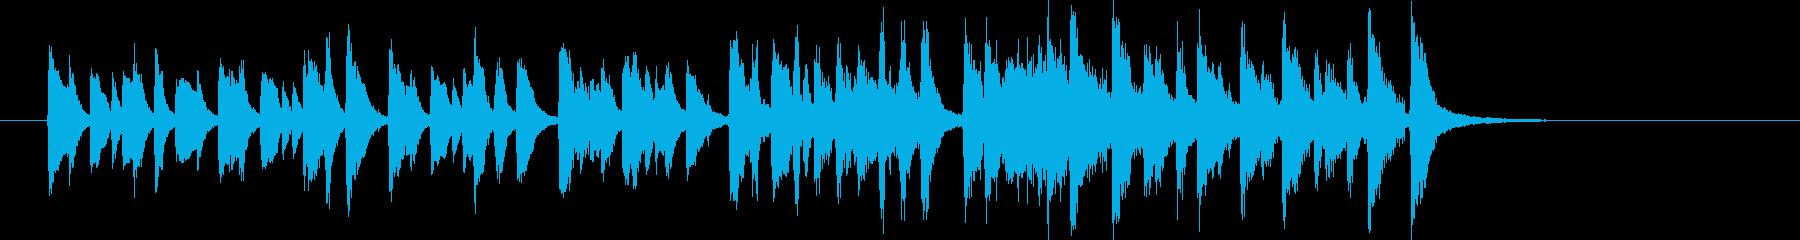 コミカルで軽快なシンセの追いかけっこの再生済みの波形